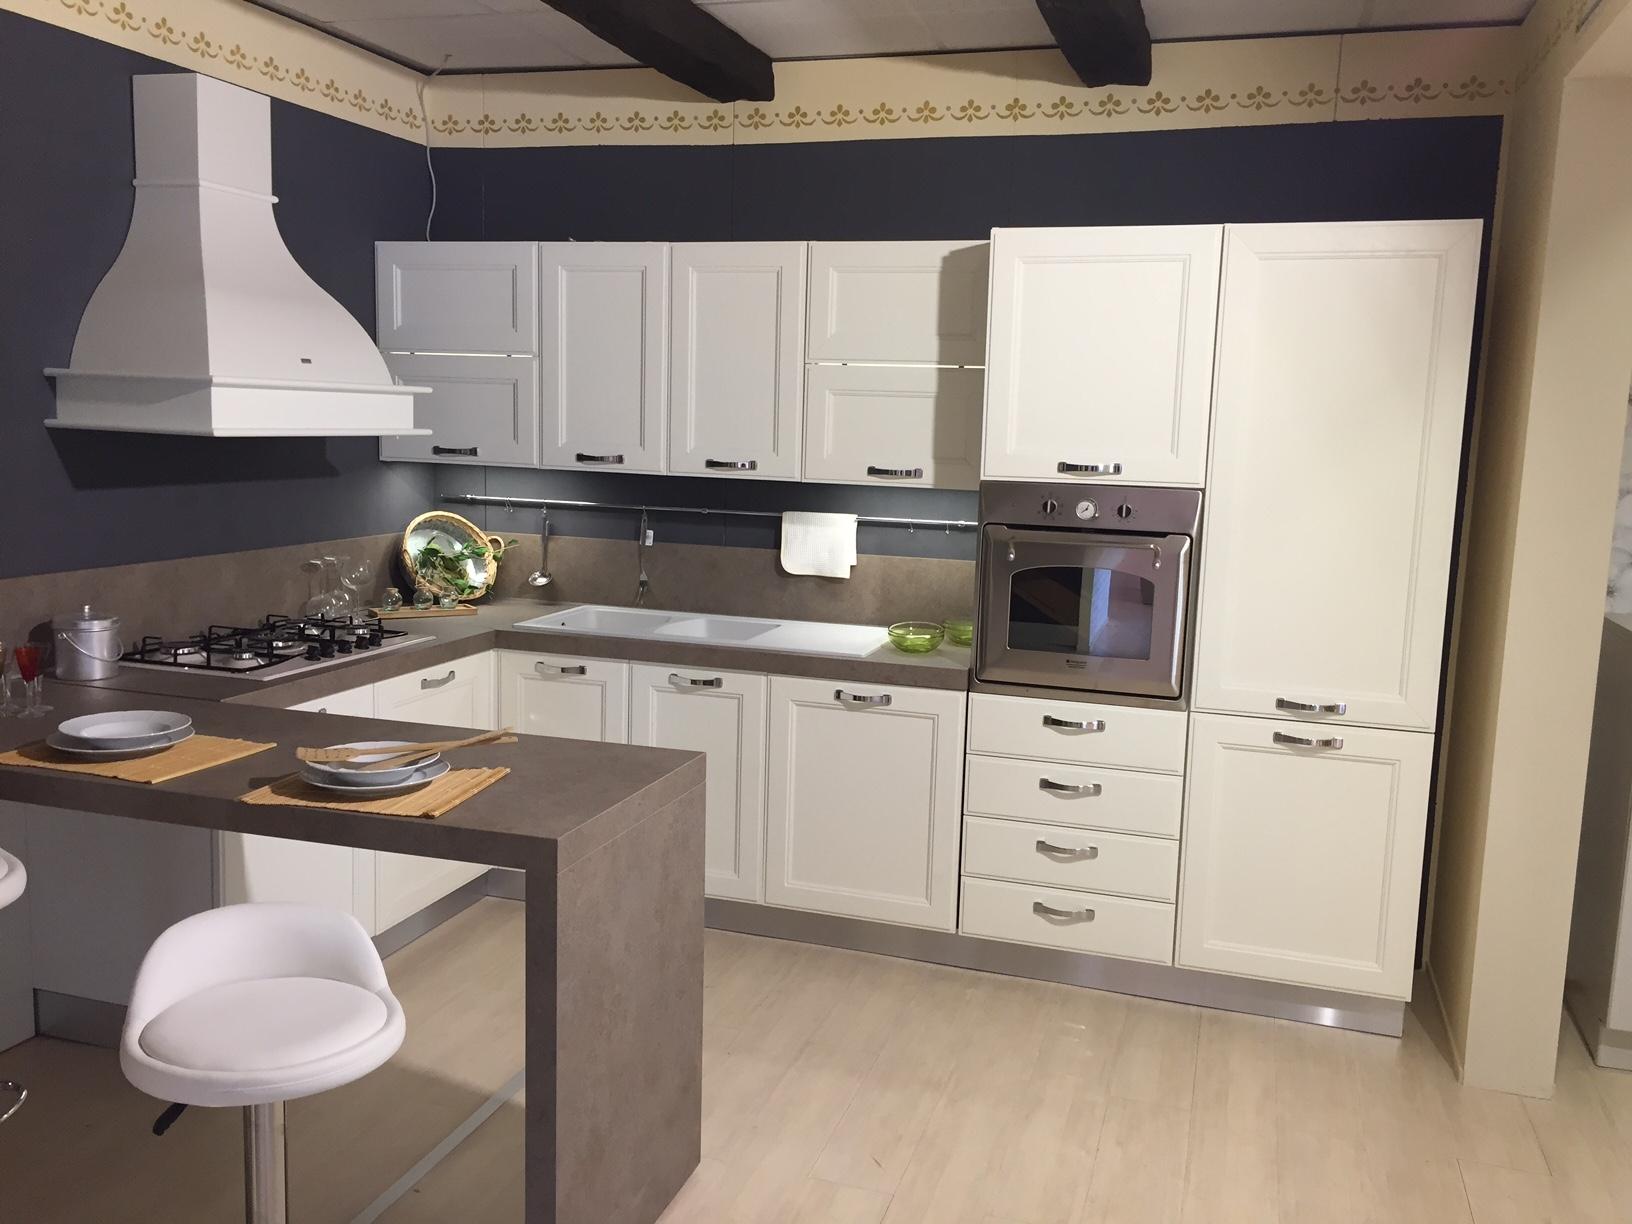 Cucina con penisola di ged cucine modello kate scontata del 58 cucine a prezzi scontati - Cucine ikea con penisola ...